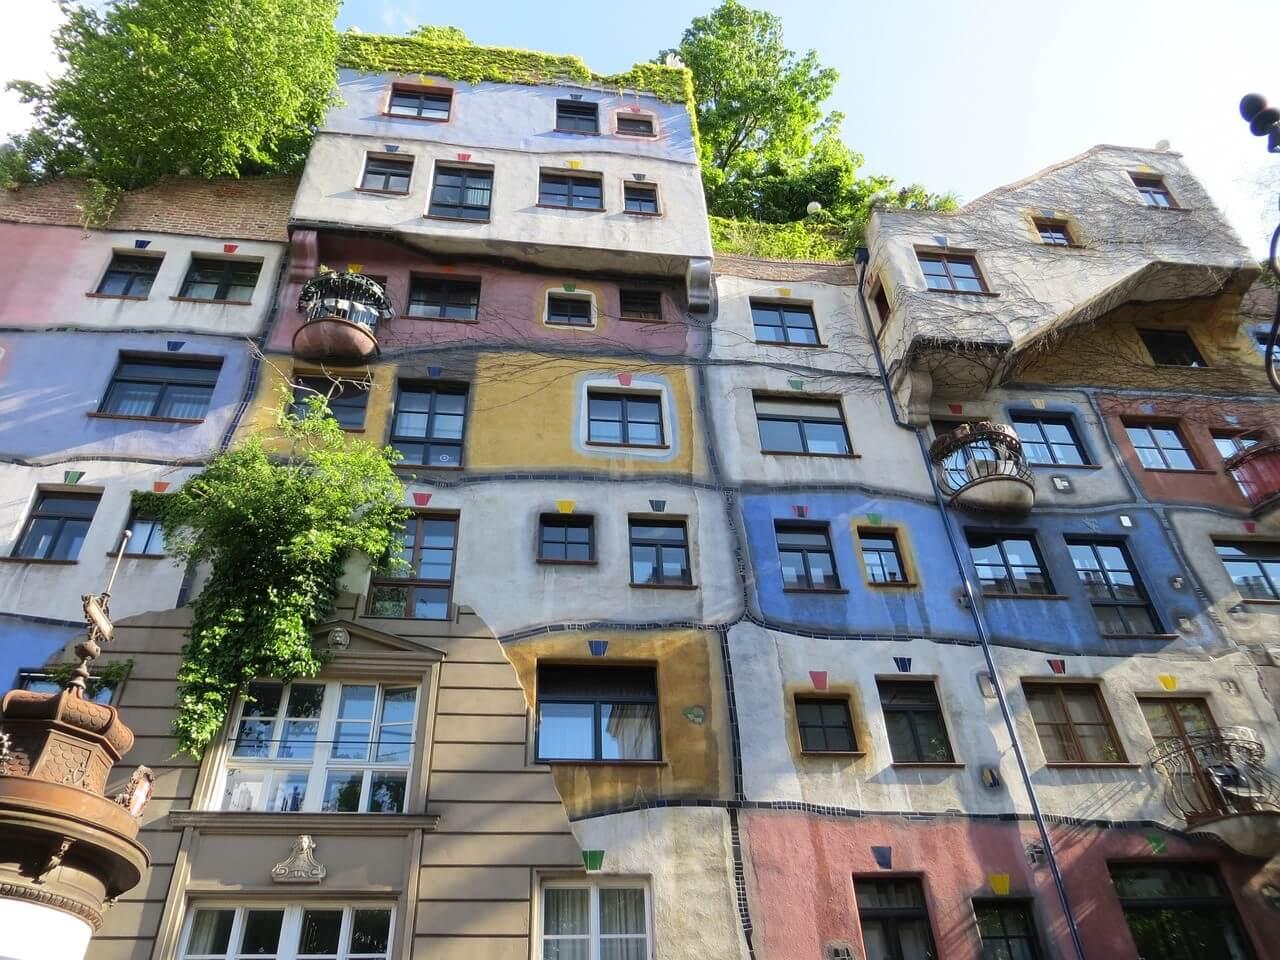 hundertwasserhaus maisons colorées